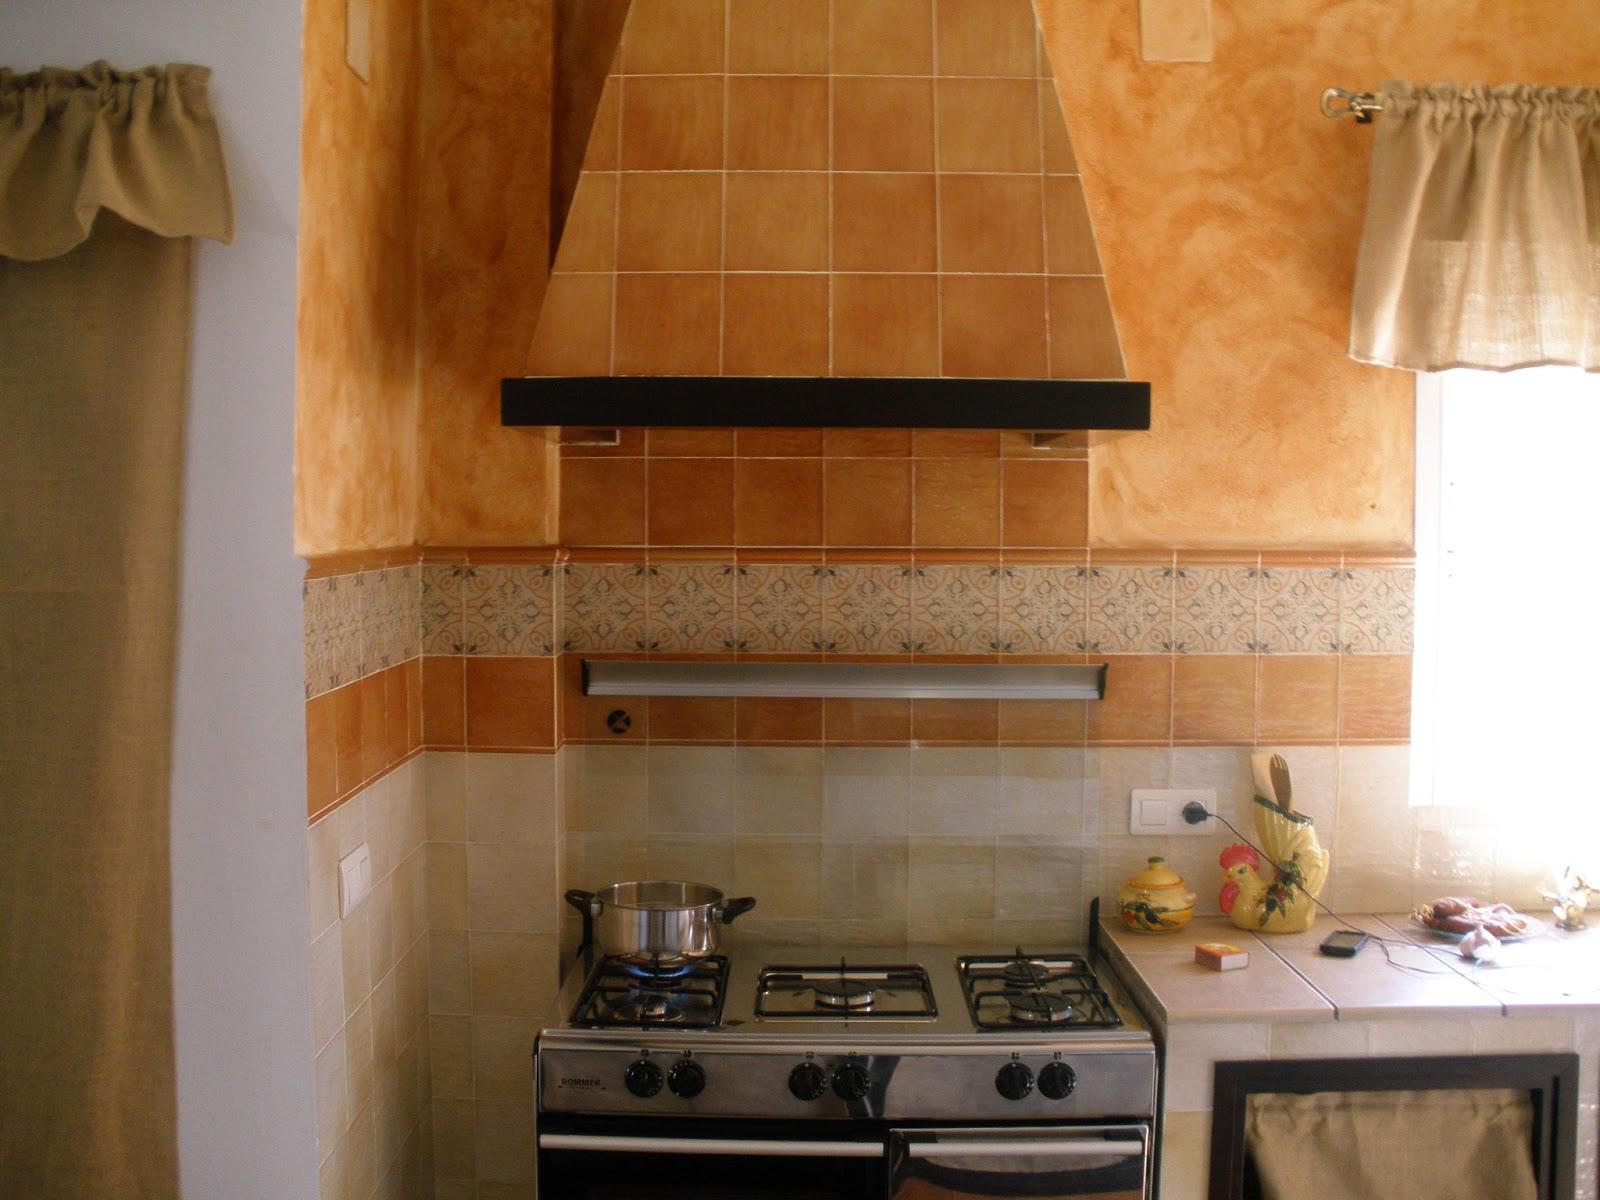 Construcciones rudi cocina rustica de casa de campo - Cocinas rusticas de campo ...